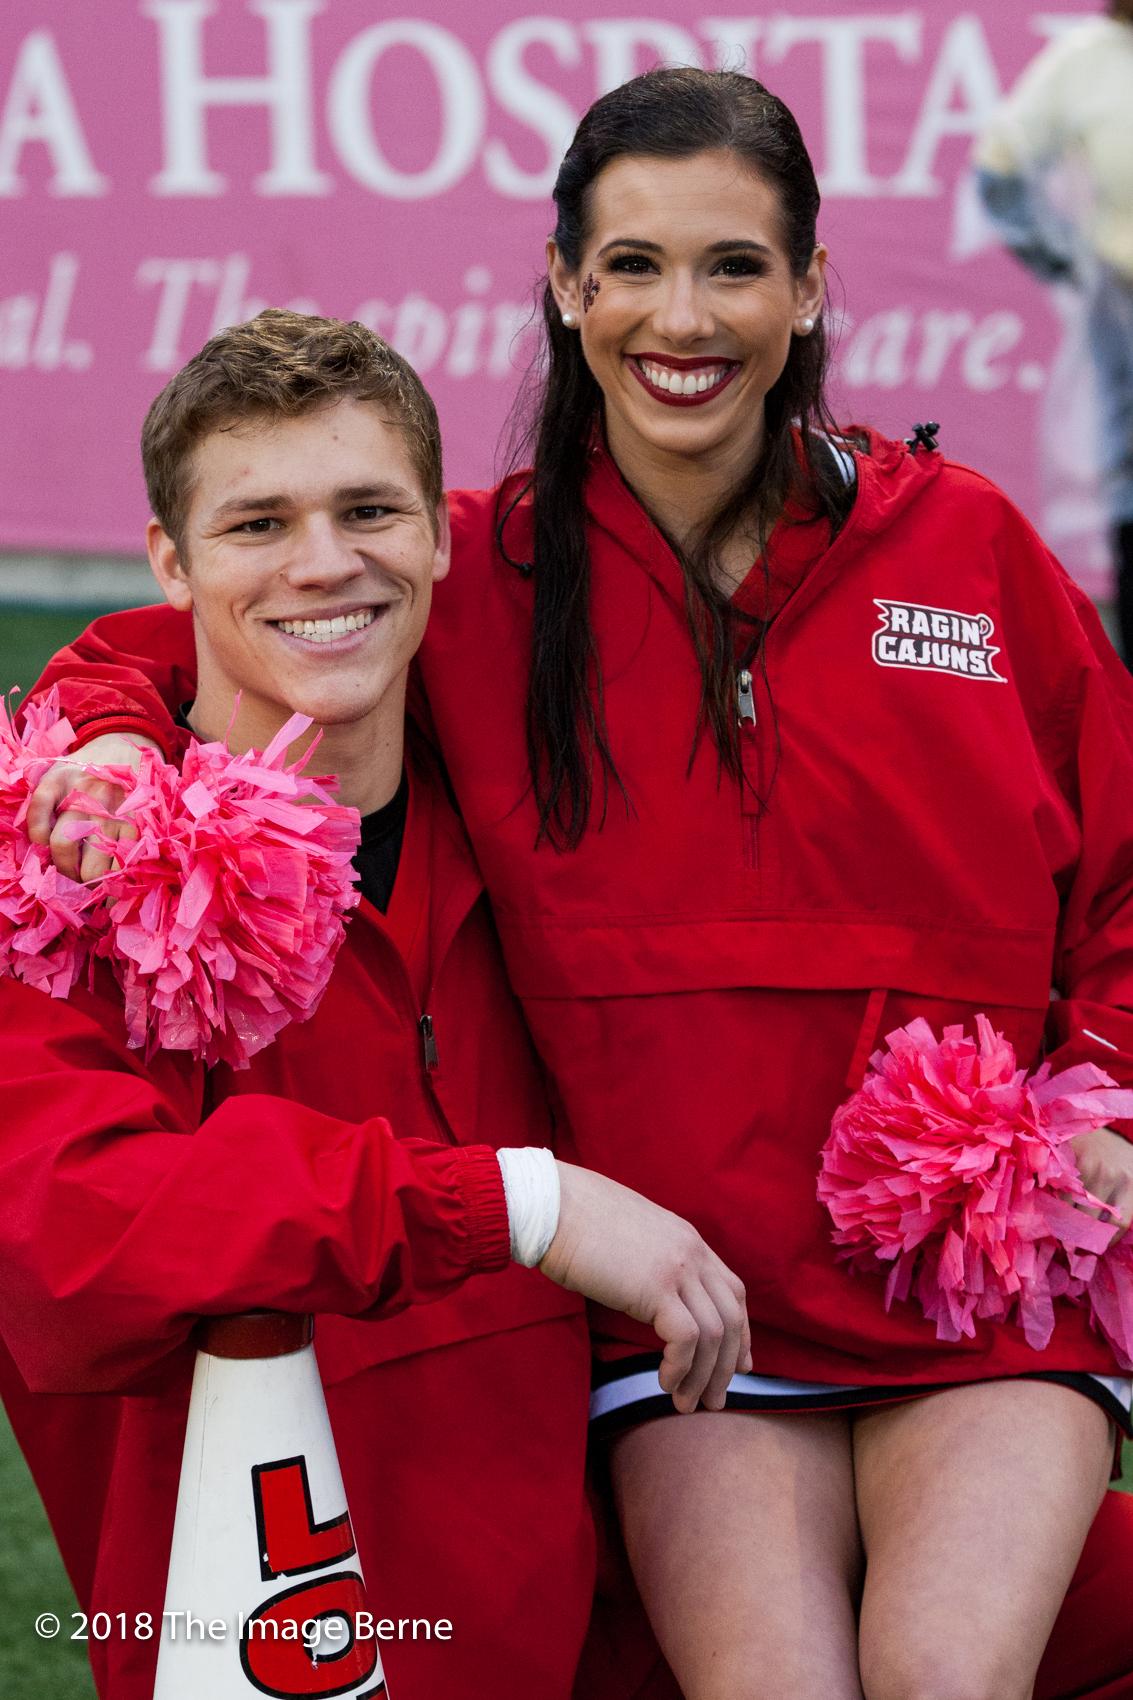 Cheerleaders-063.jpg